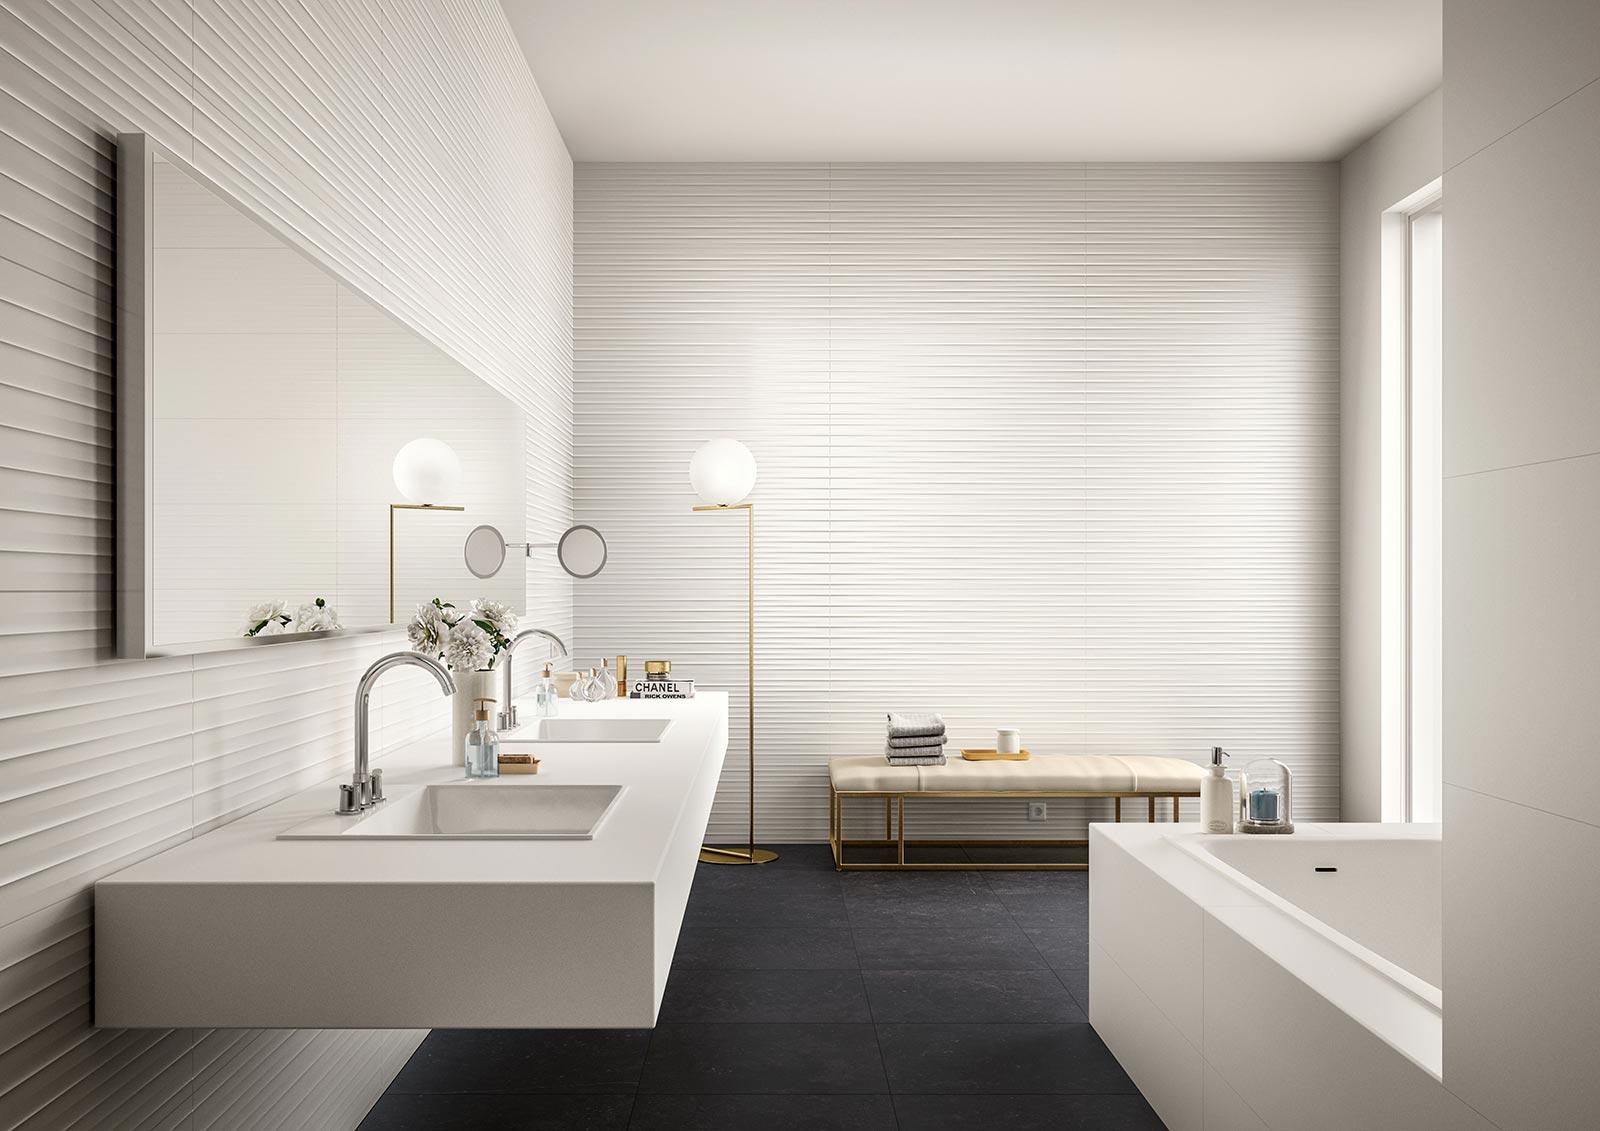 Fliesen f r das bad marazzi for Badezimmer platten